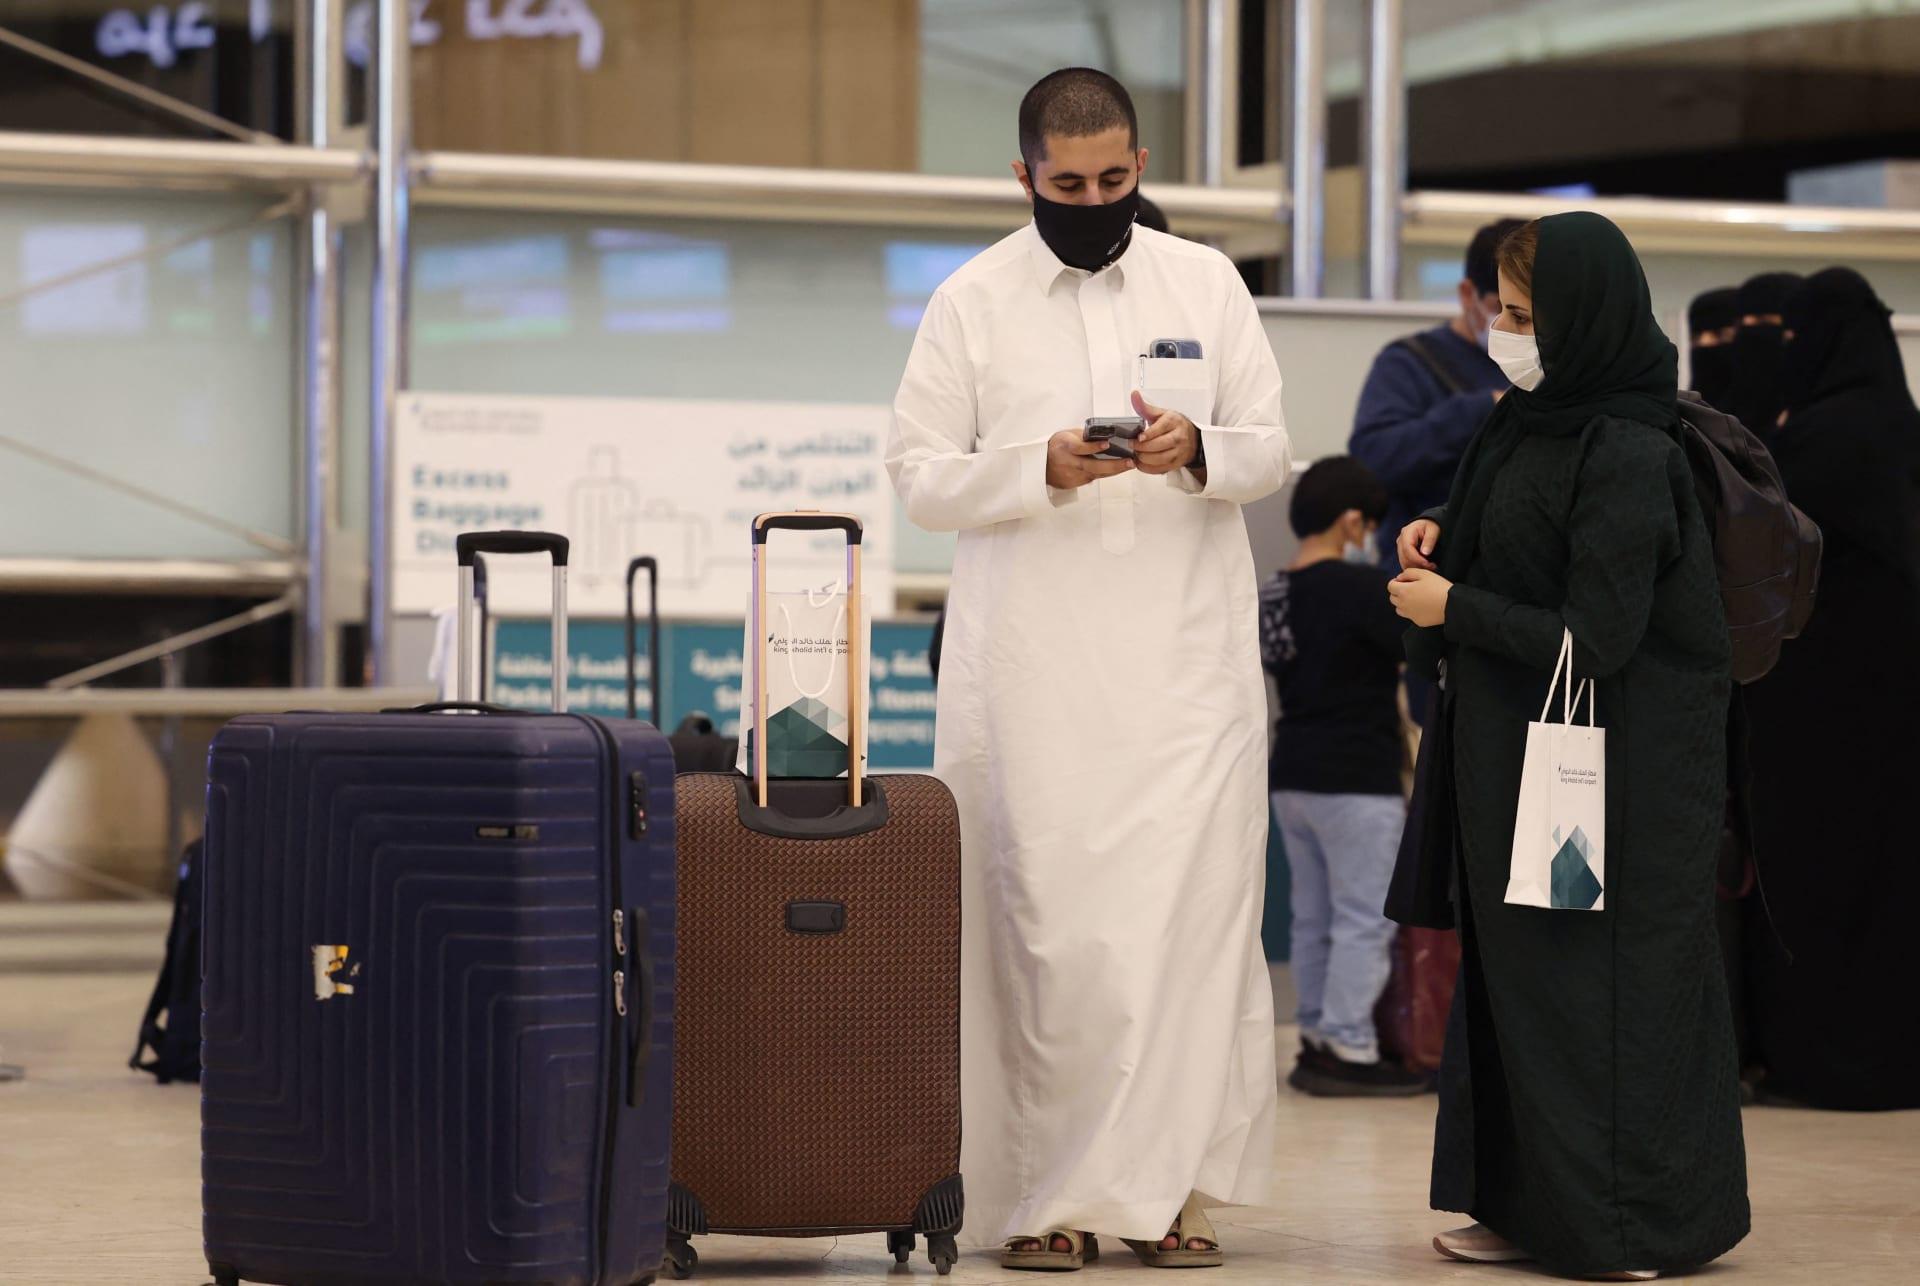 السعودية تهدد بمنع السفر 3 سنوات لمن يسافر إلى الدول المحظورة